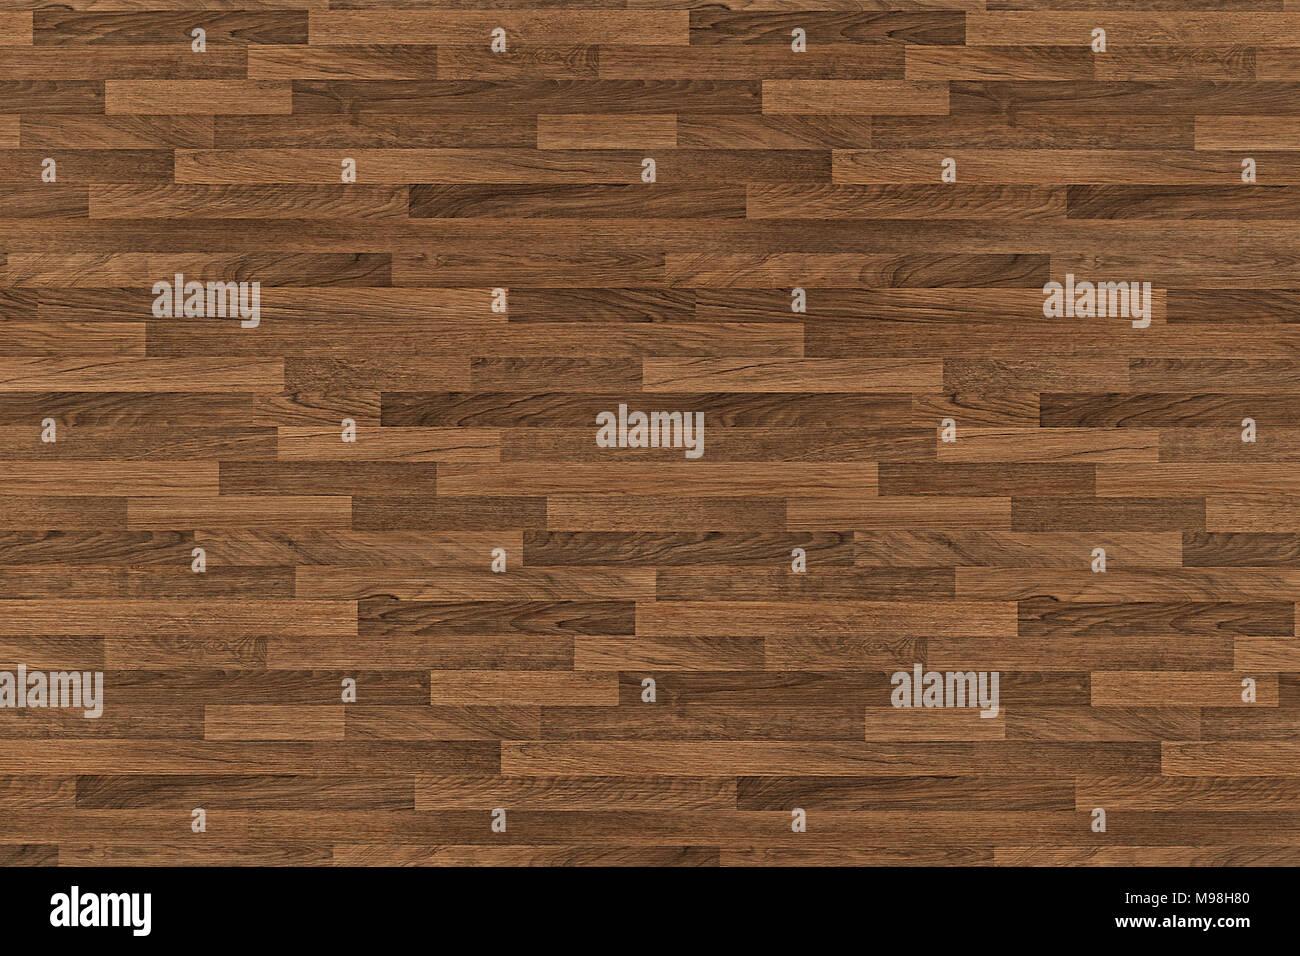 Seamless wood floor texture, hardwood floor texture, wooden parquet. - Stock Image